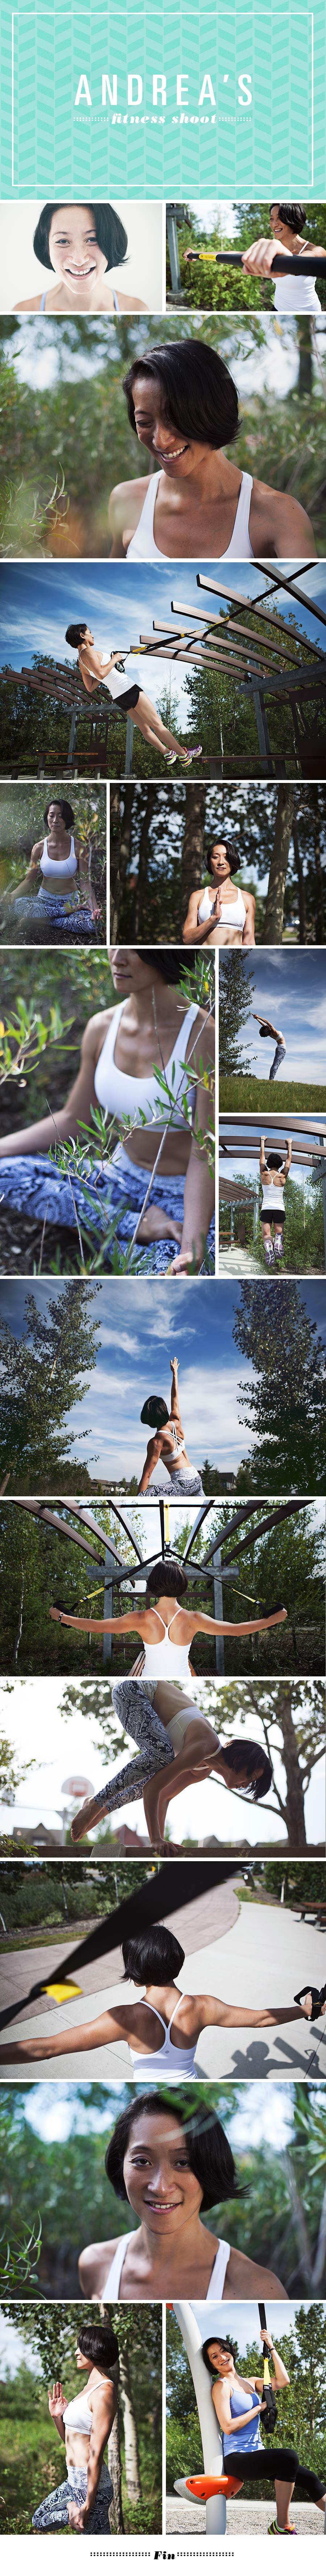 andreas-calgary-fitness-shoot